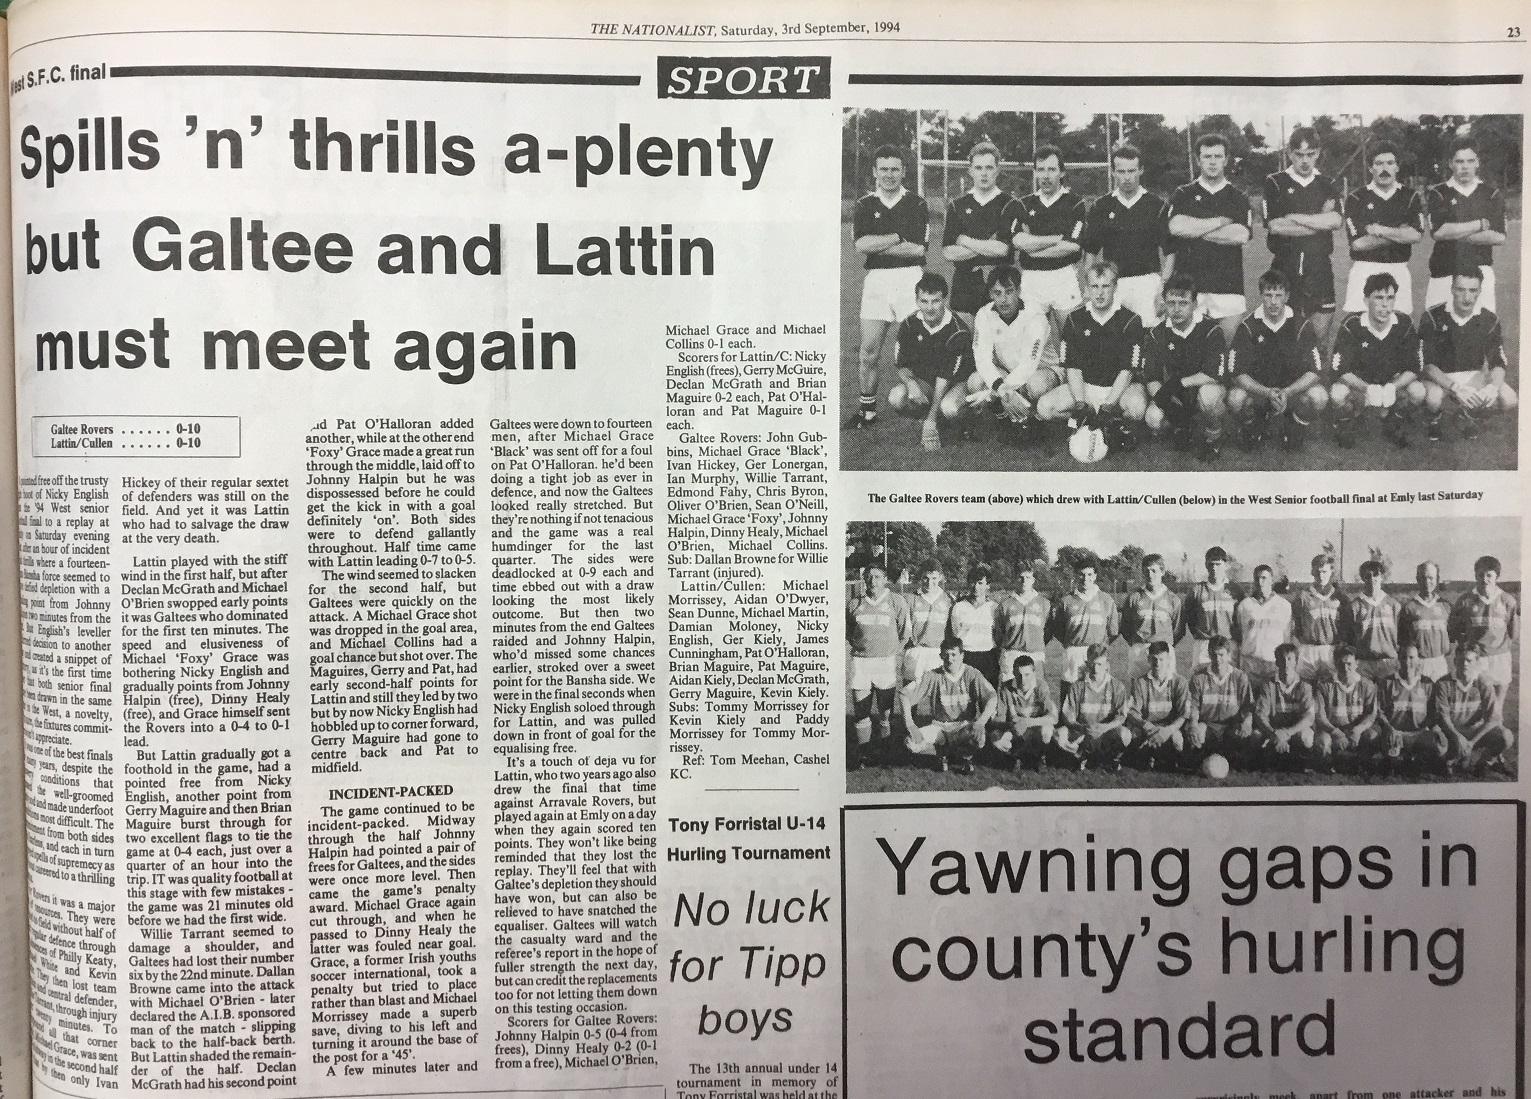 1994 West football final